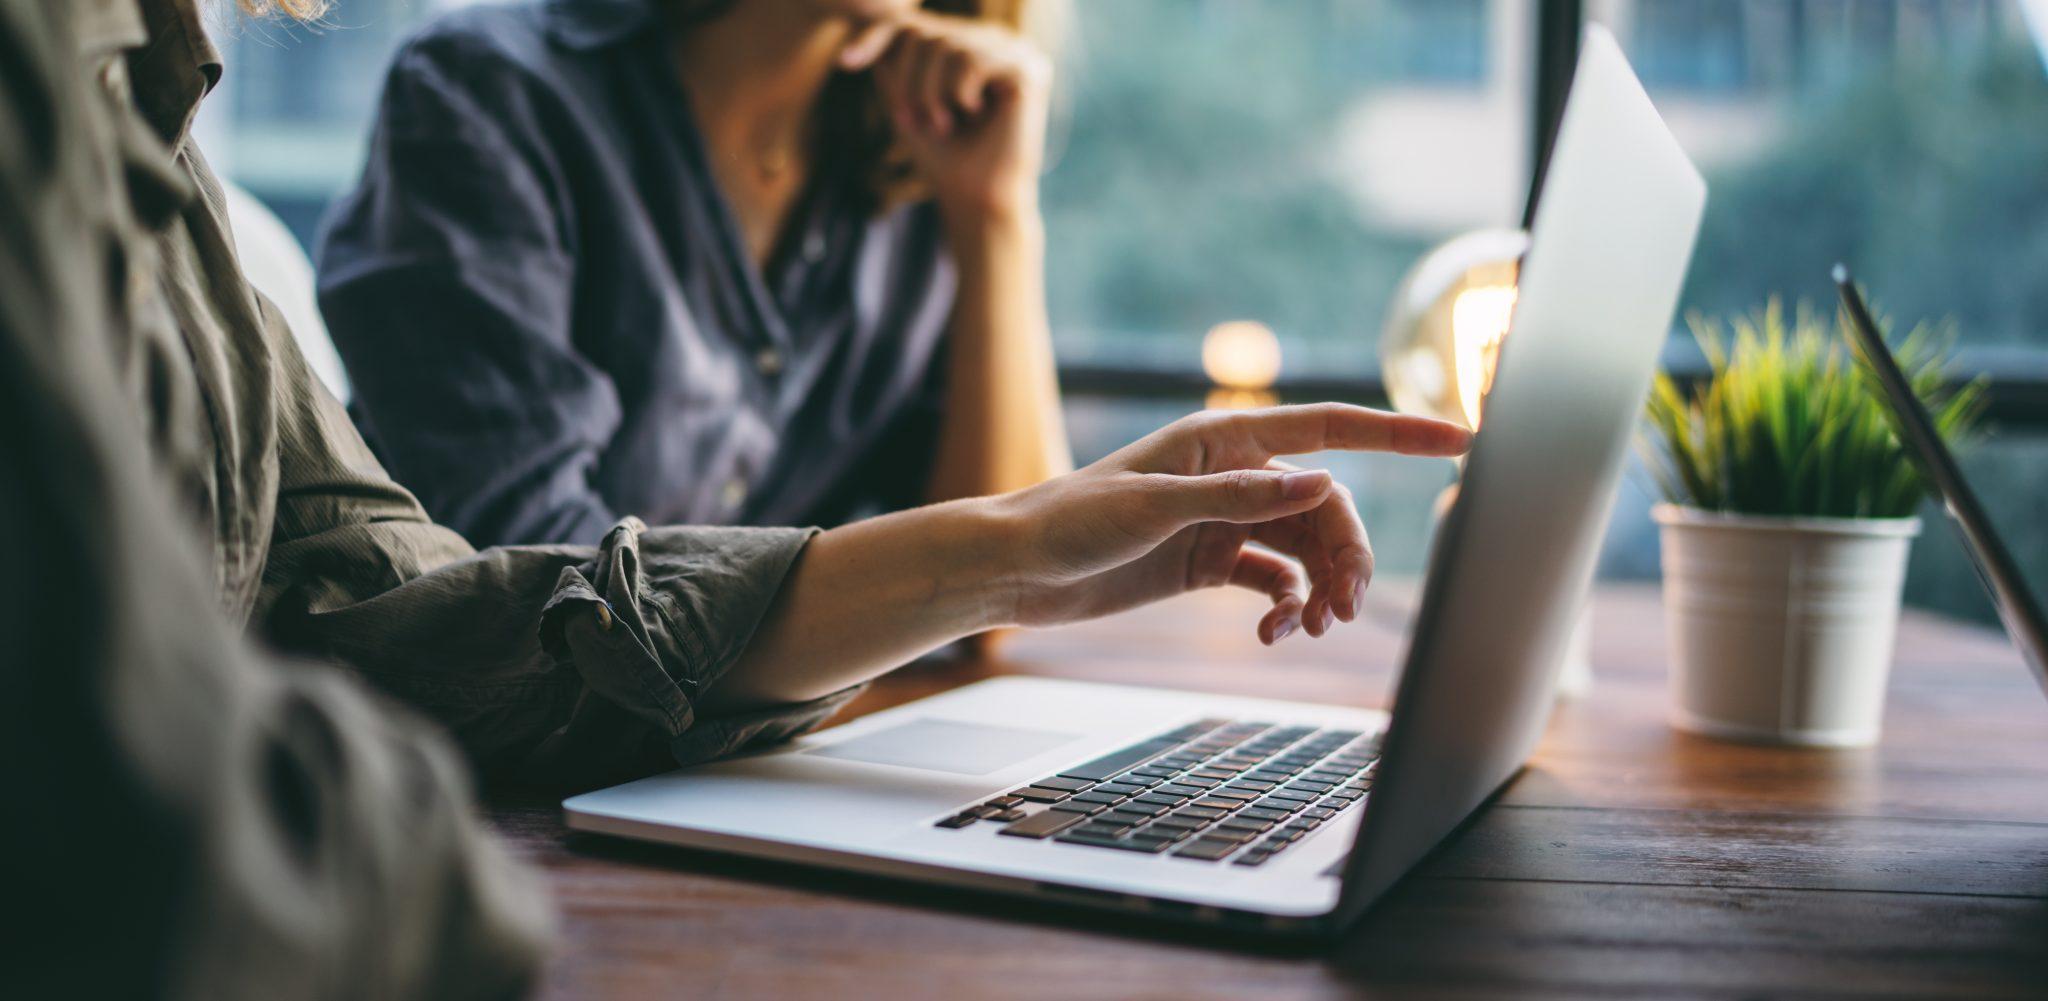 Agent immobilier : comment améliorer la relation client grâce aux outils digitaux ?